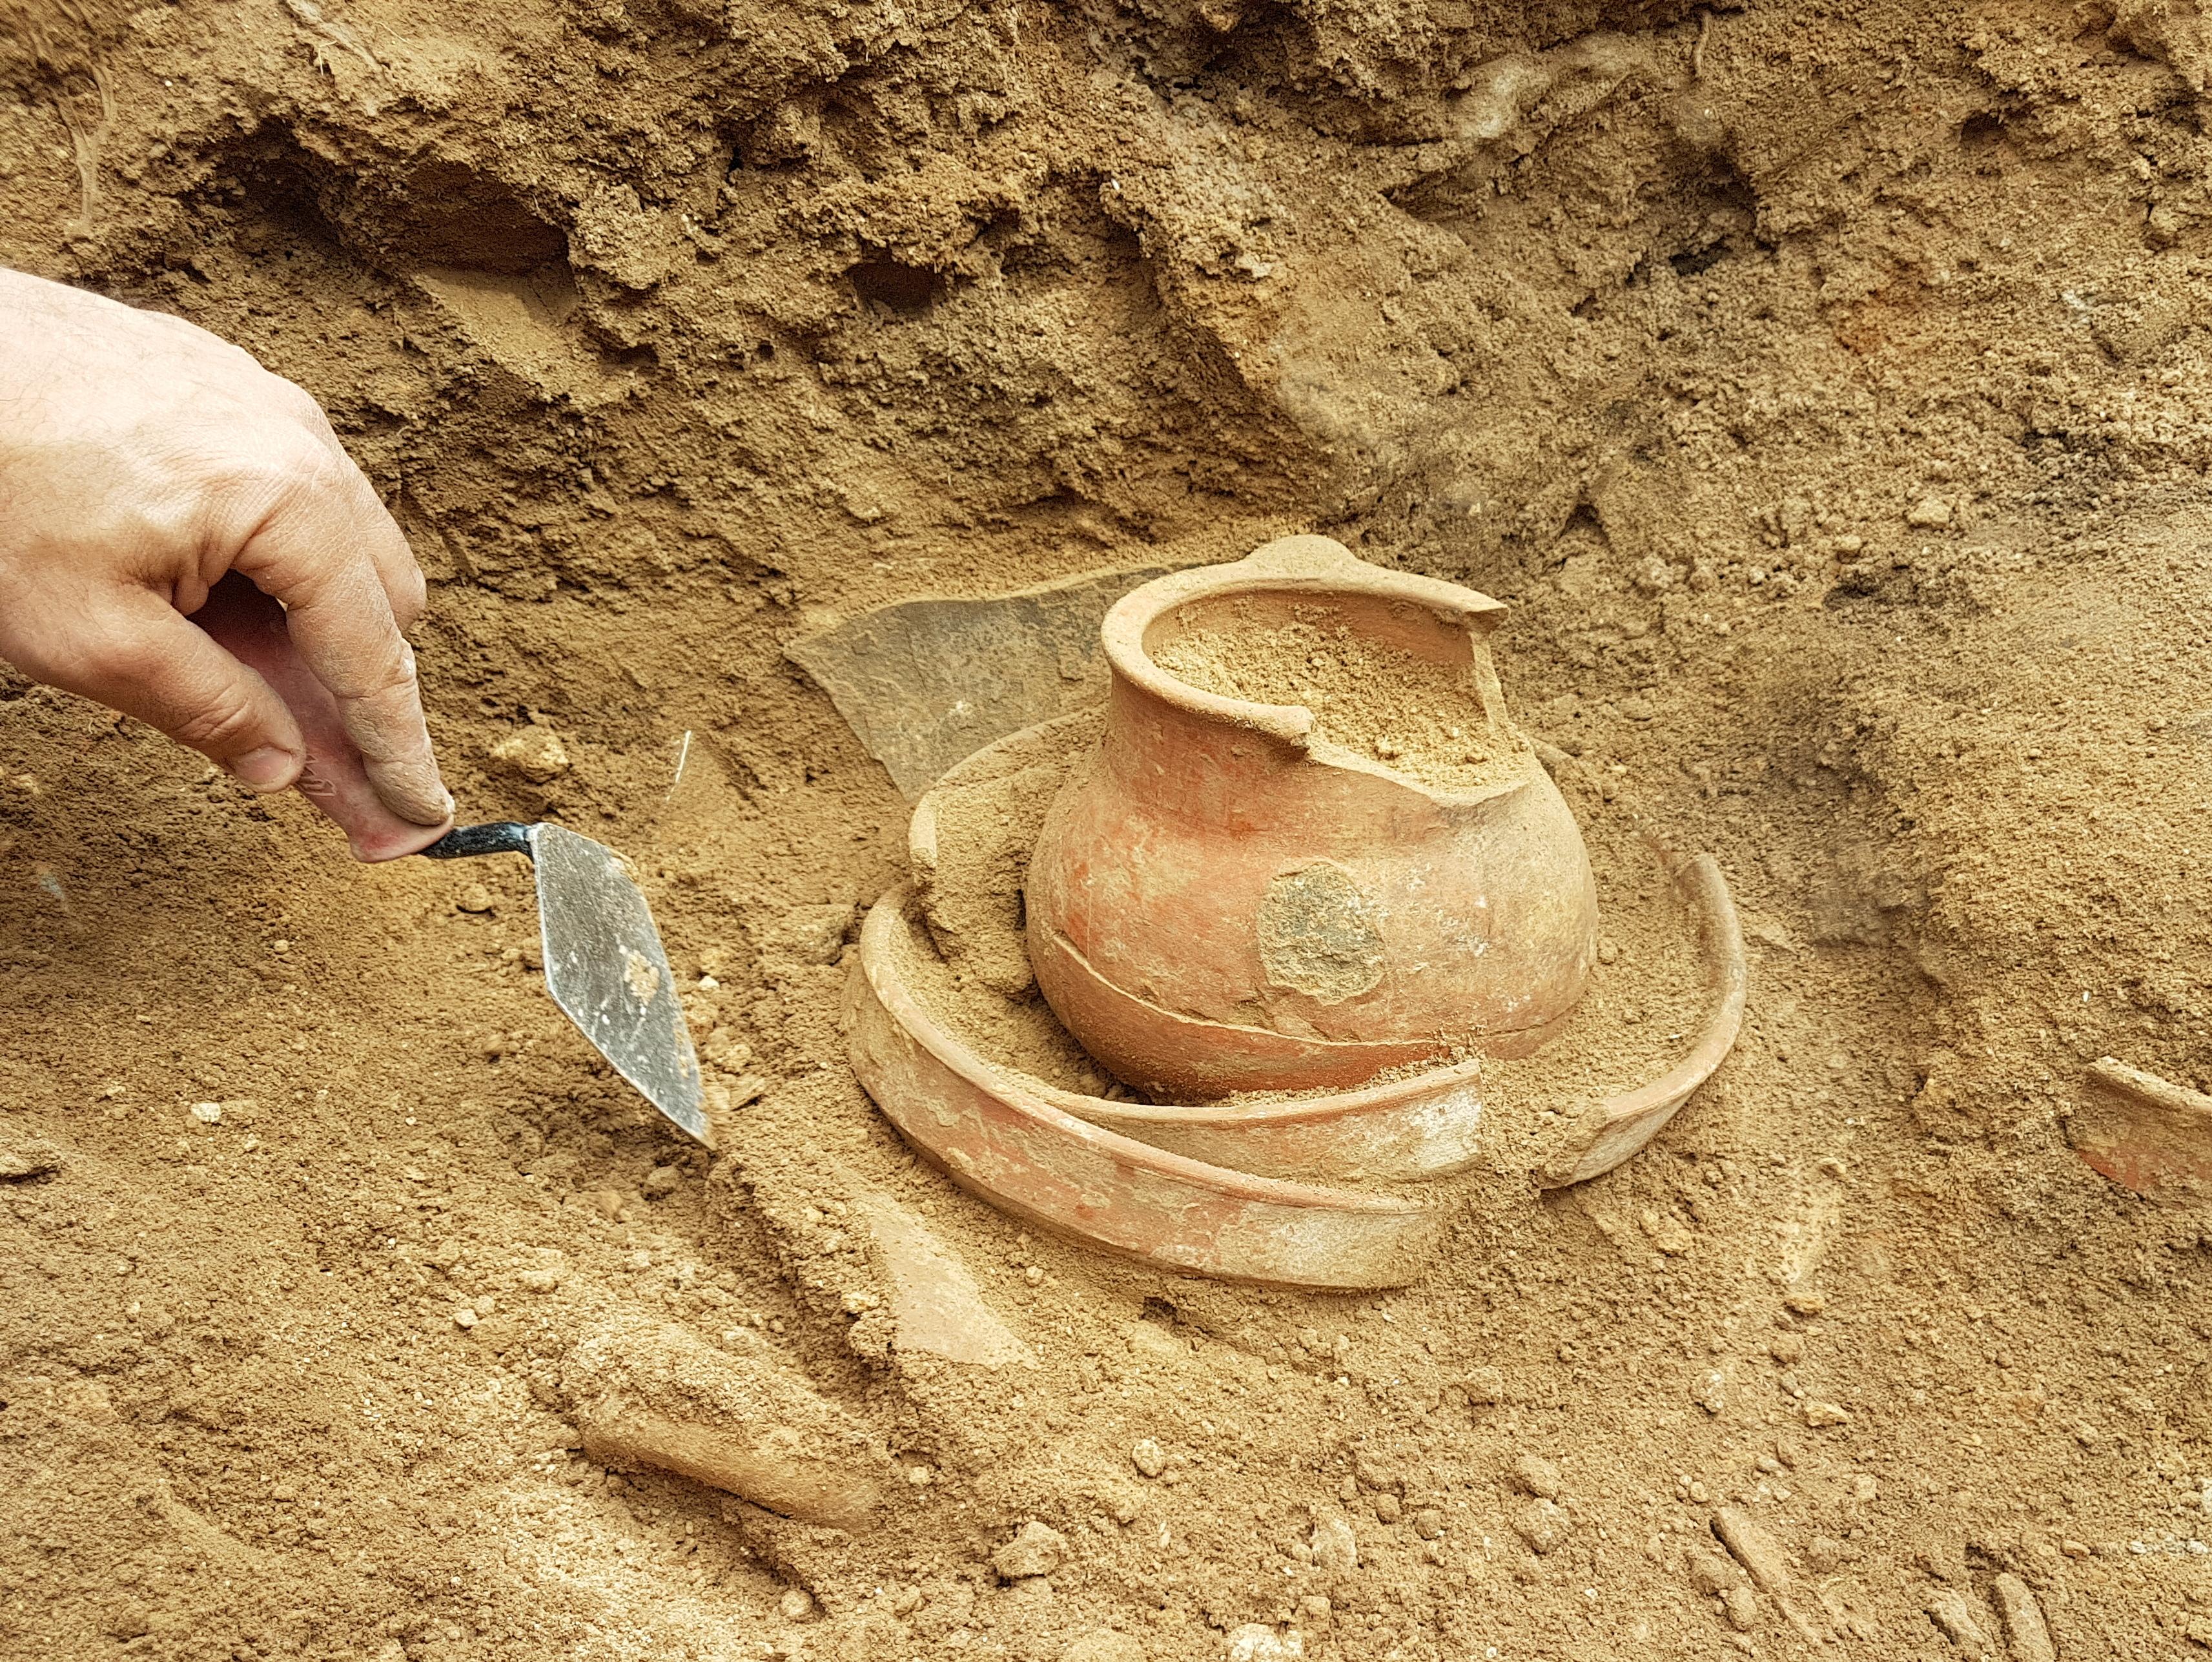 הכלים שנמצאו באתר הקדום צקלג - צילום-משלחת החפירות לחורבת אל-רעי